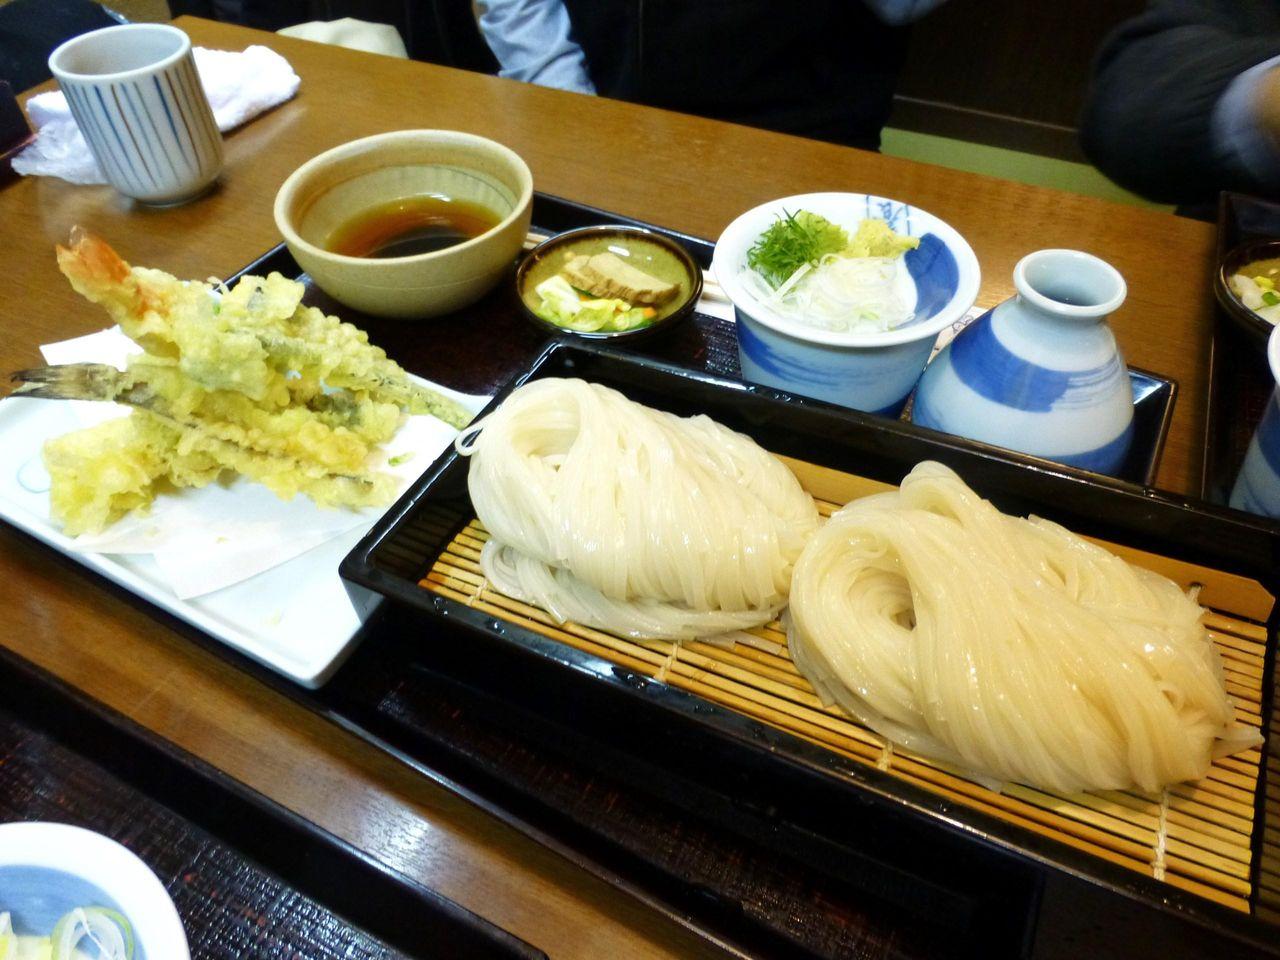 天せいろ醤油1,500円は、冷たい稲庭うどんに天ぷら付き!